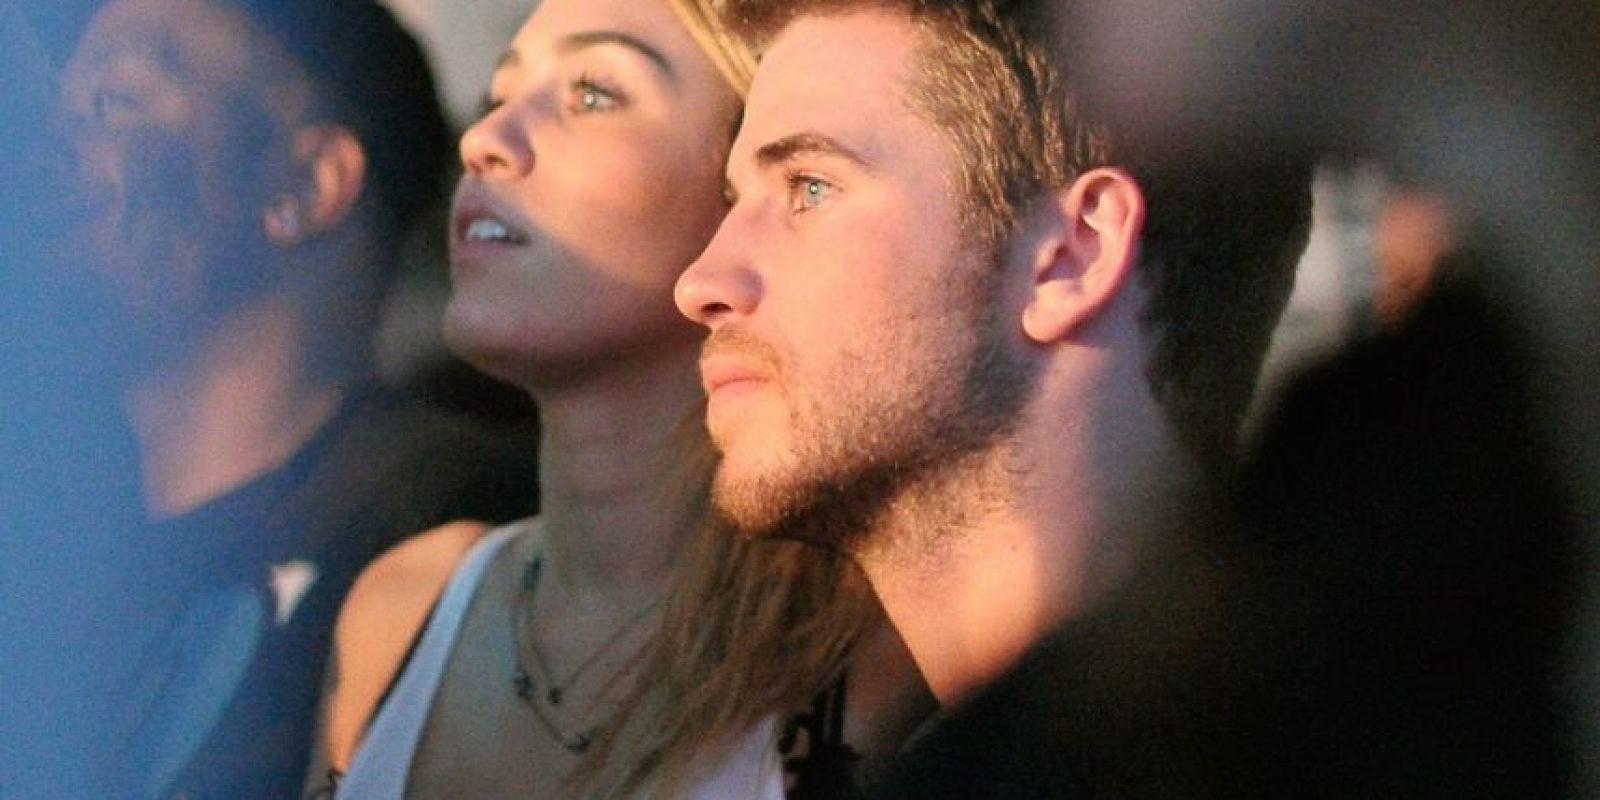 En septiembre, luego de ser captados por los paparazzi en el estadio Staples Center, la pareja confirmó su noviazgo Foto:Getty Images